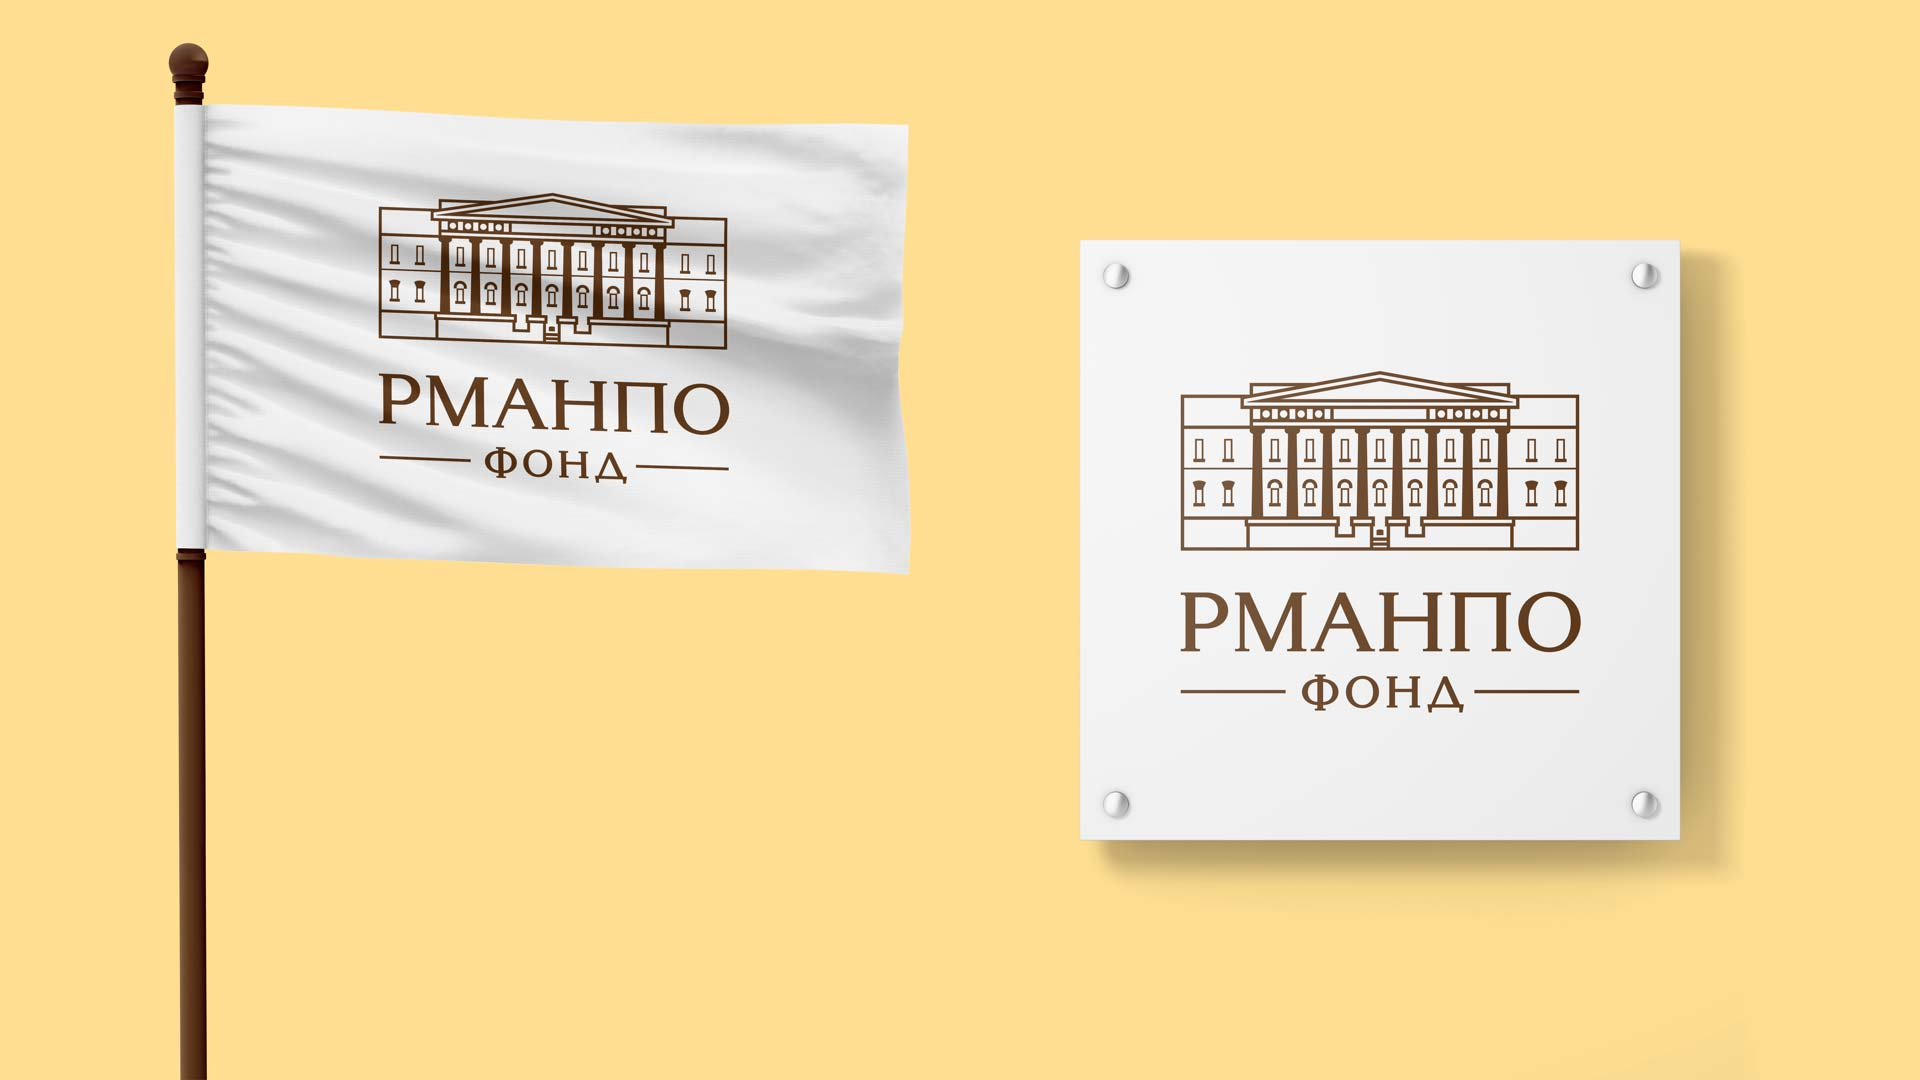 Разработка логотипа РМАНПО ФОНД - флаг и вывеска